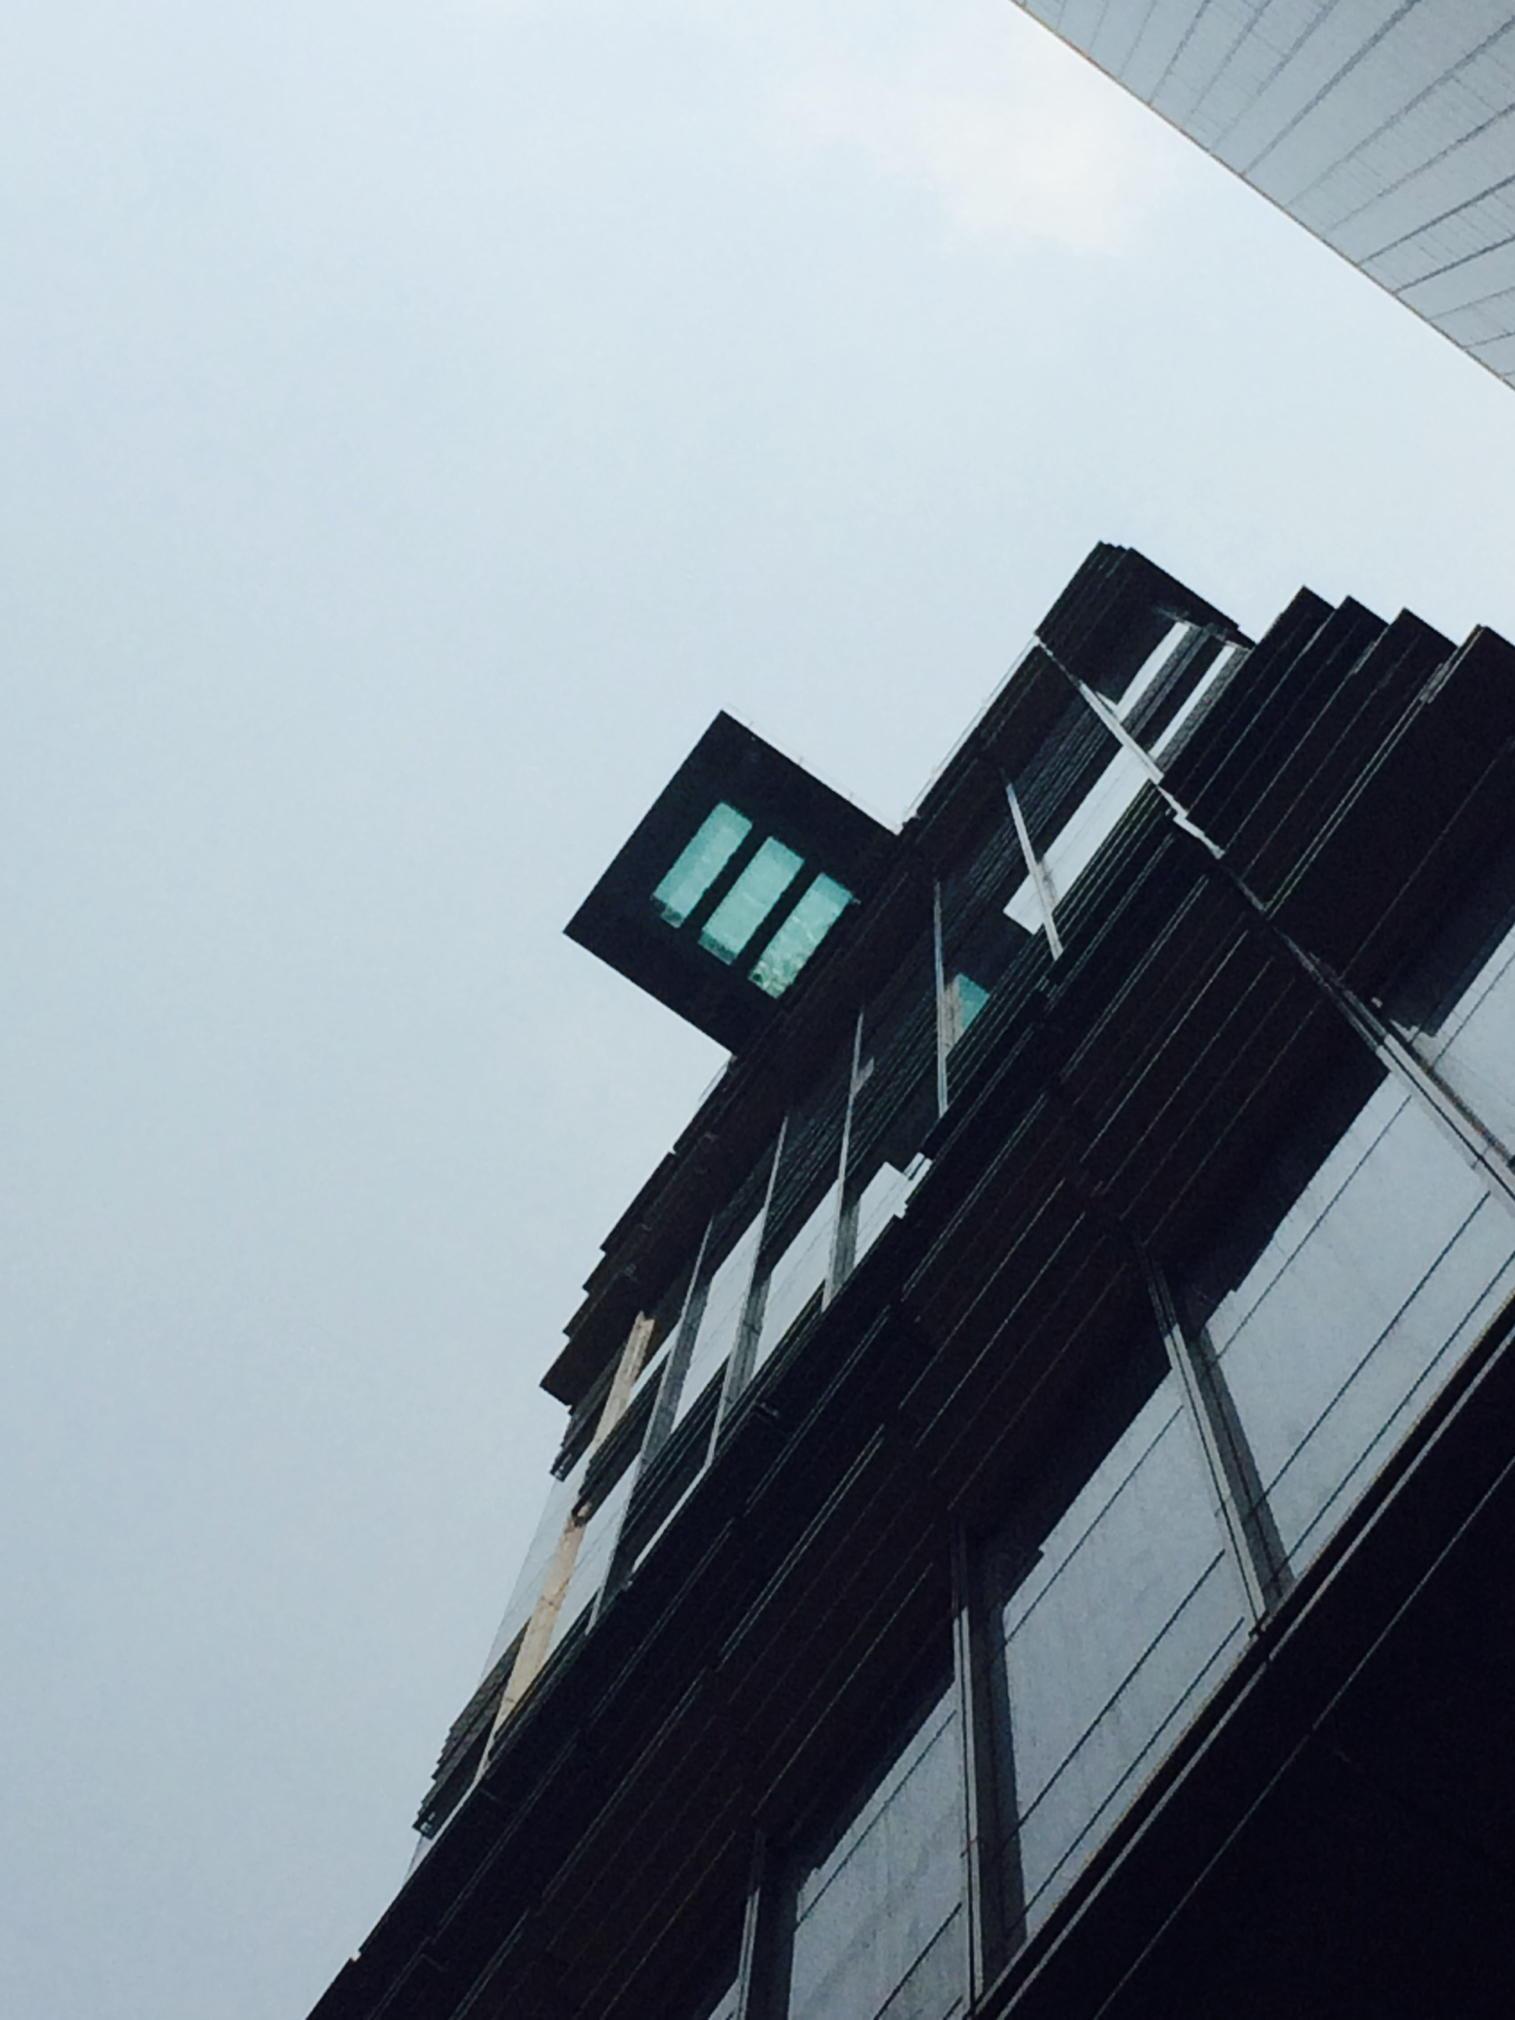 En wat zou de waarde van dit dak zijn? iig onbetaalbaar om daar te mogen zwemmen.. #dakwaarde in beeld in #HongKong http://t.co/uHudthy92O